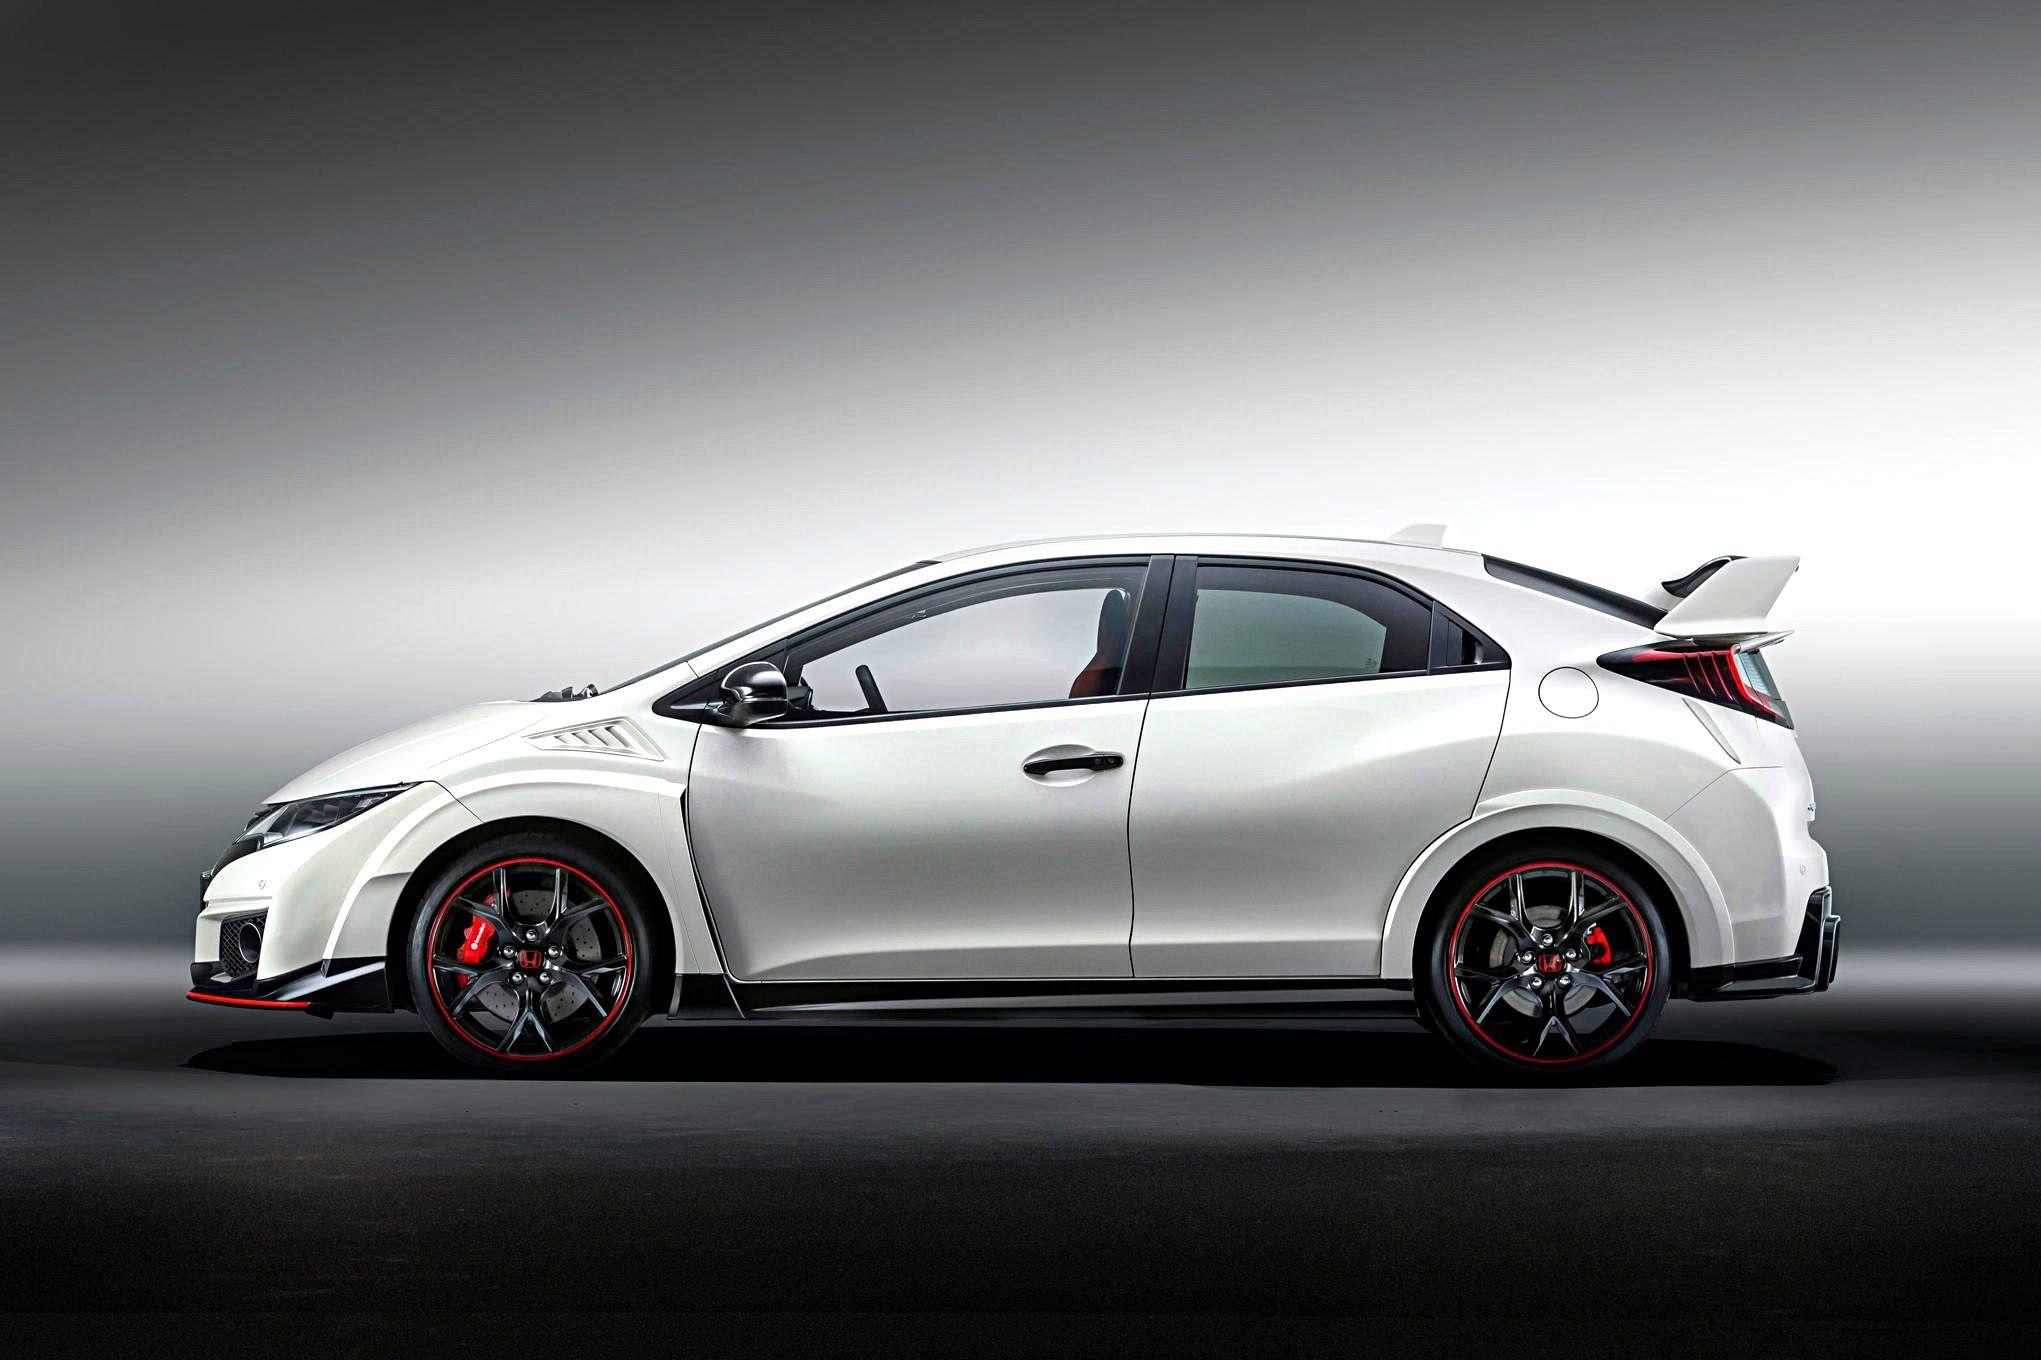 2018 honda civic hatchback render Honda civic type r